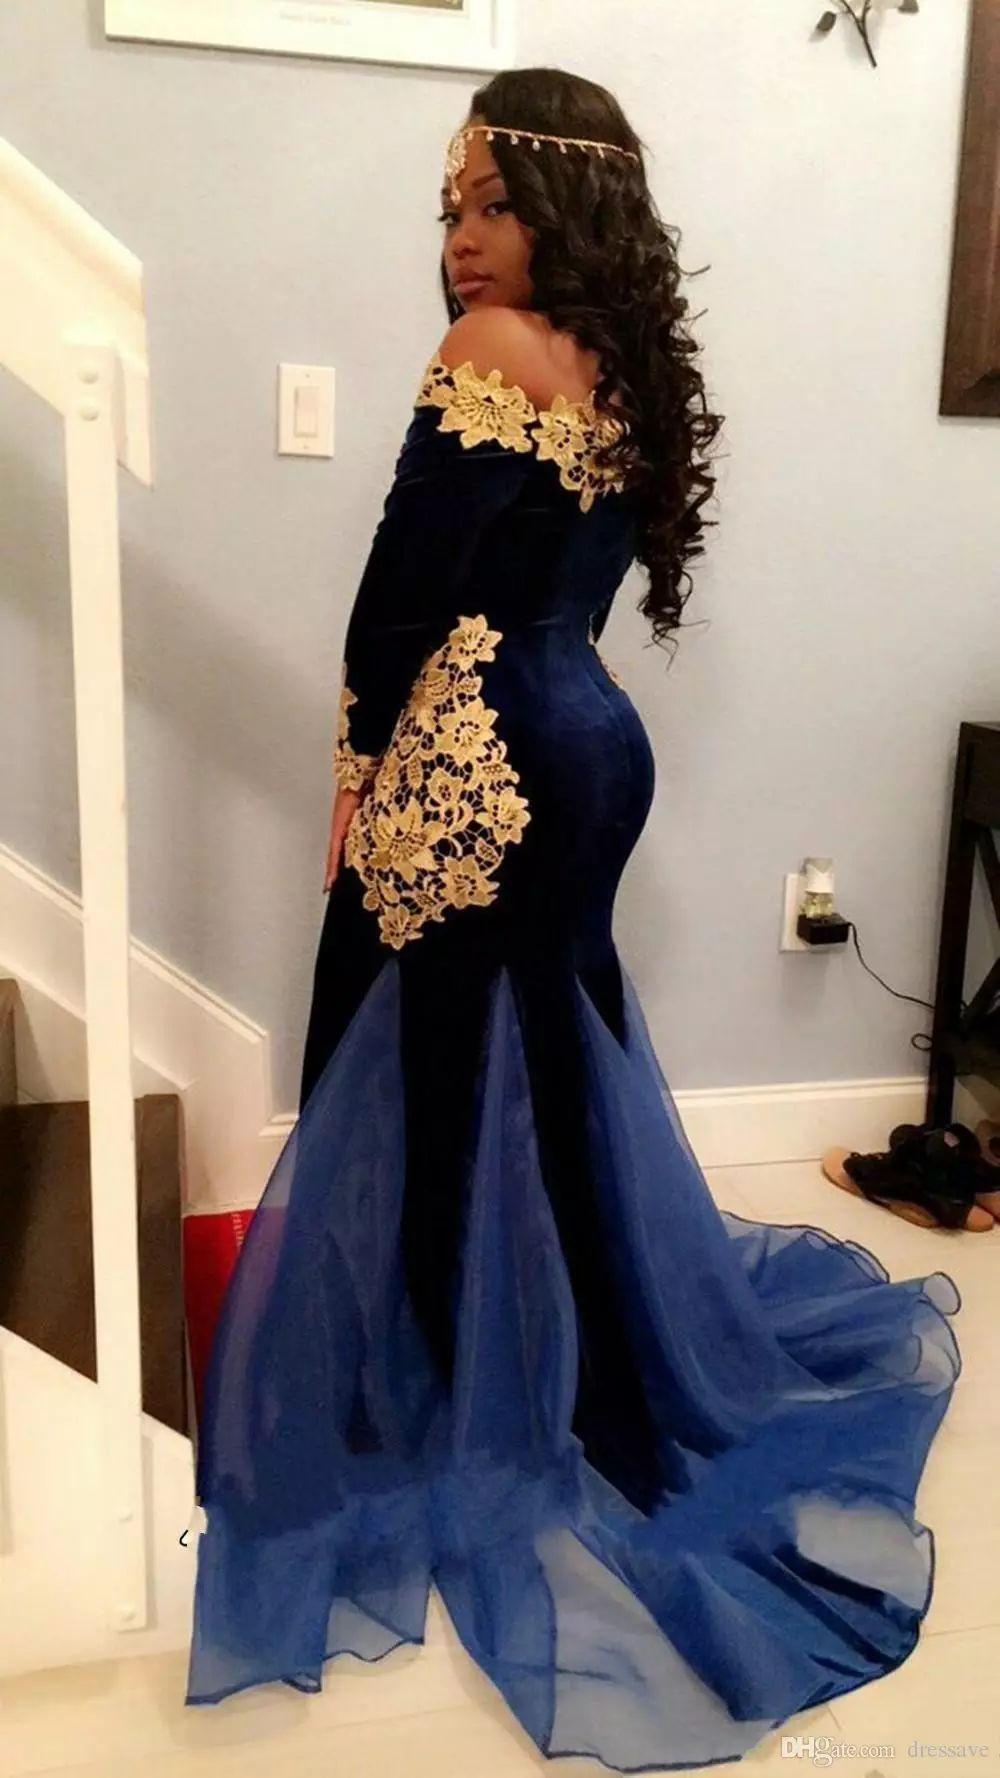 Royal Blue Velvet Gold Lace Długość podłogi Mermaid Prom Dress 2018 Nowe Eleganckie Długie Rękawy Prom Dresses Wear 2k17